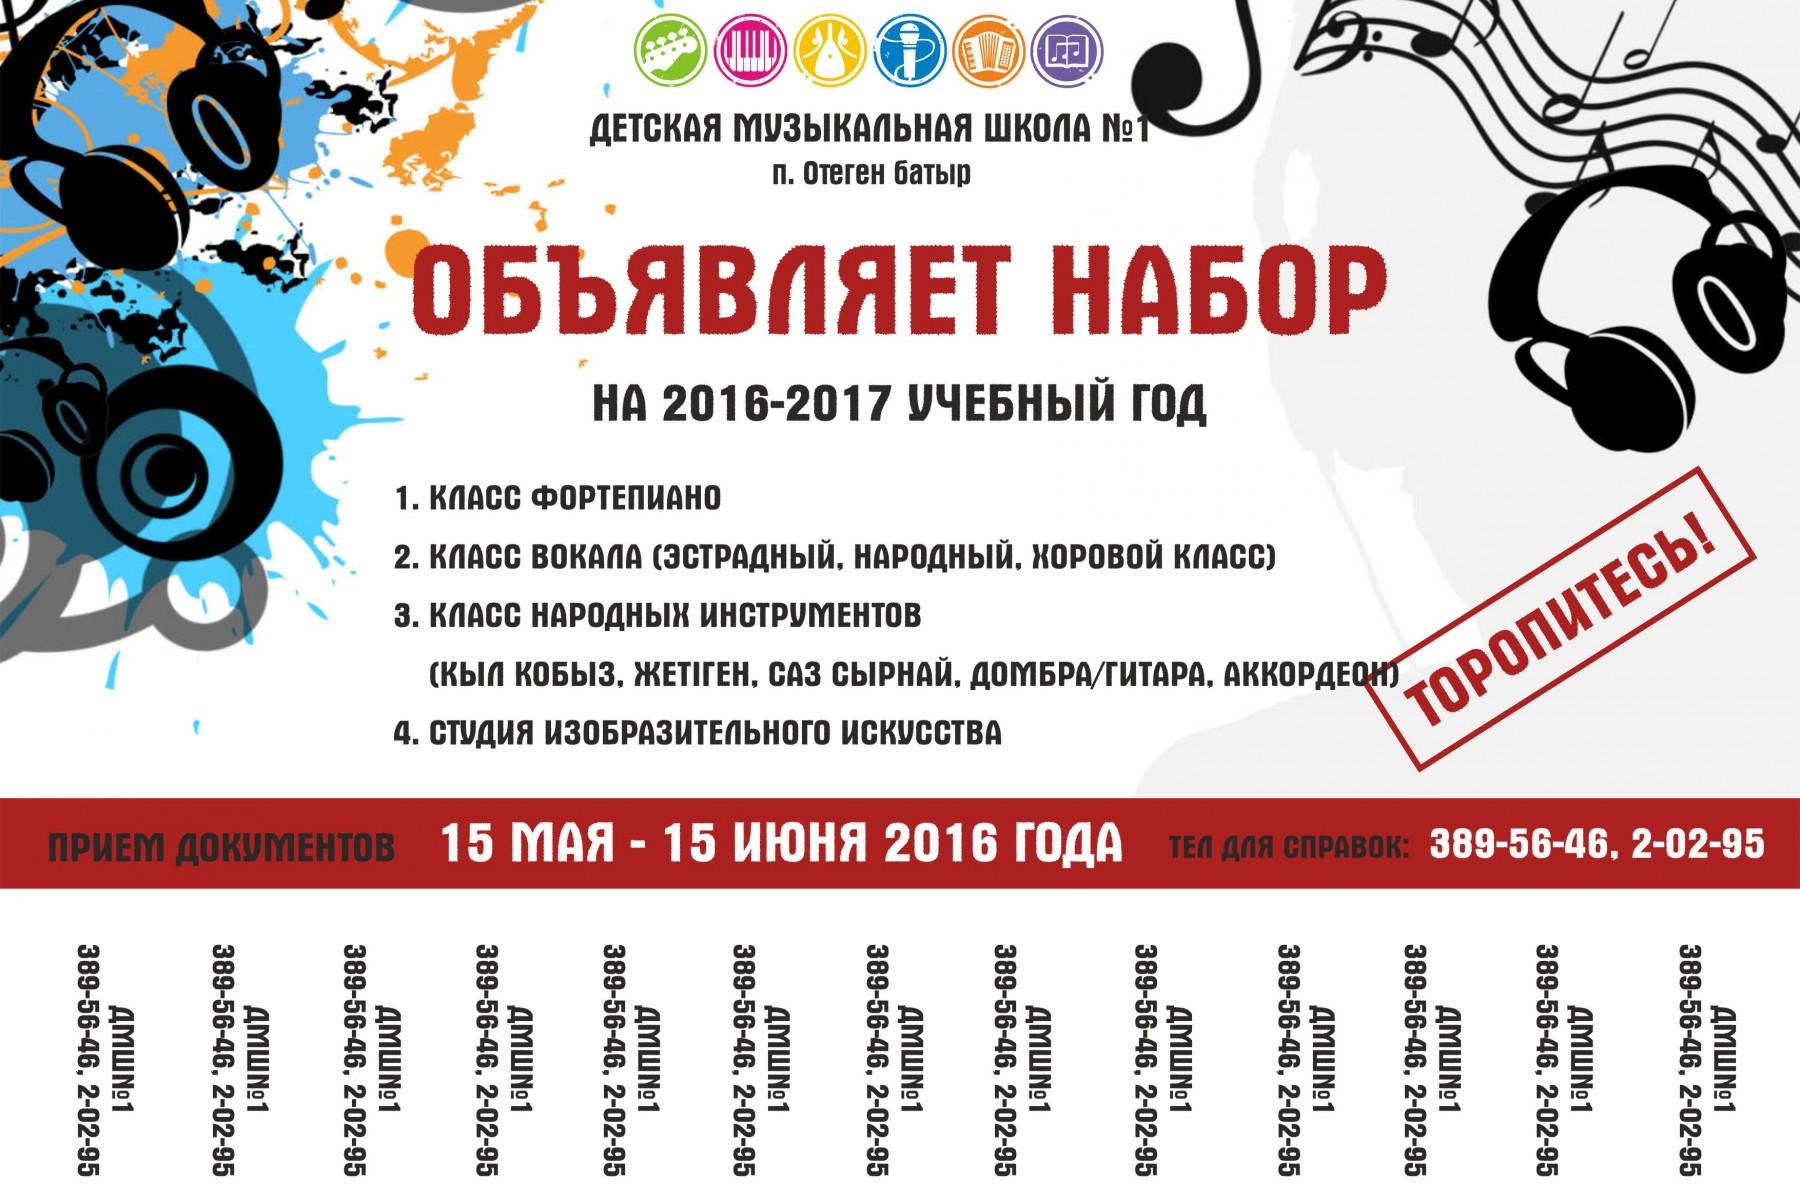 Объявления_рус_2016-2017